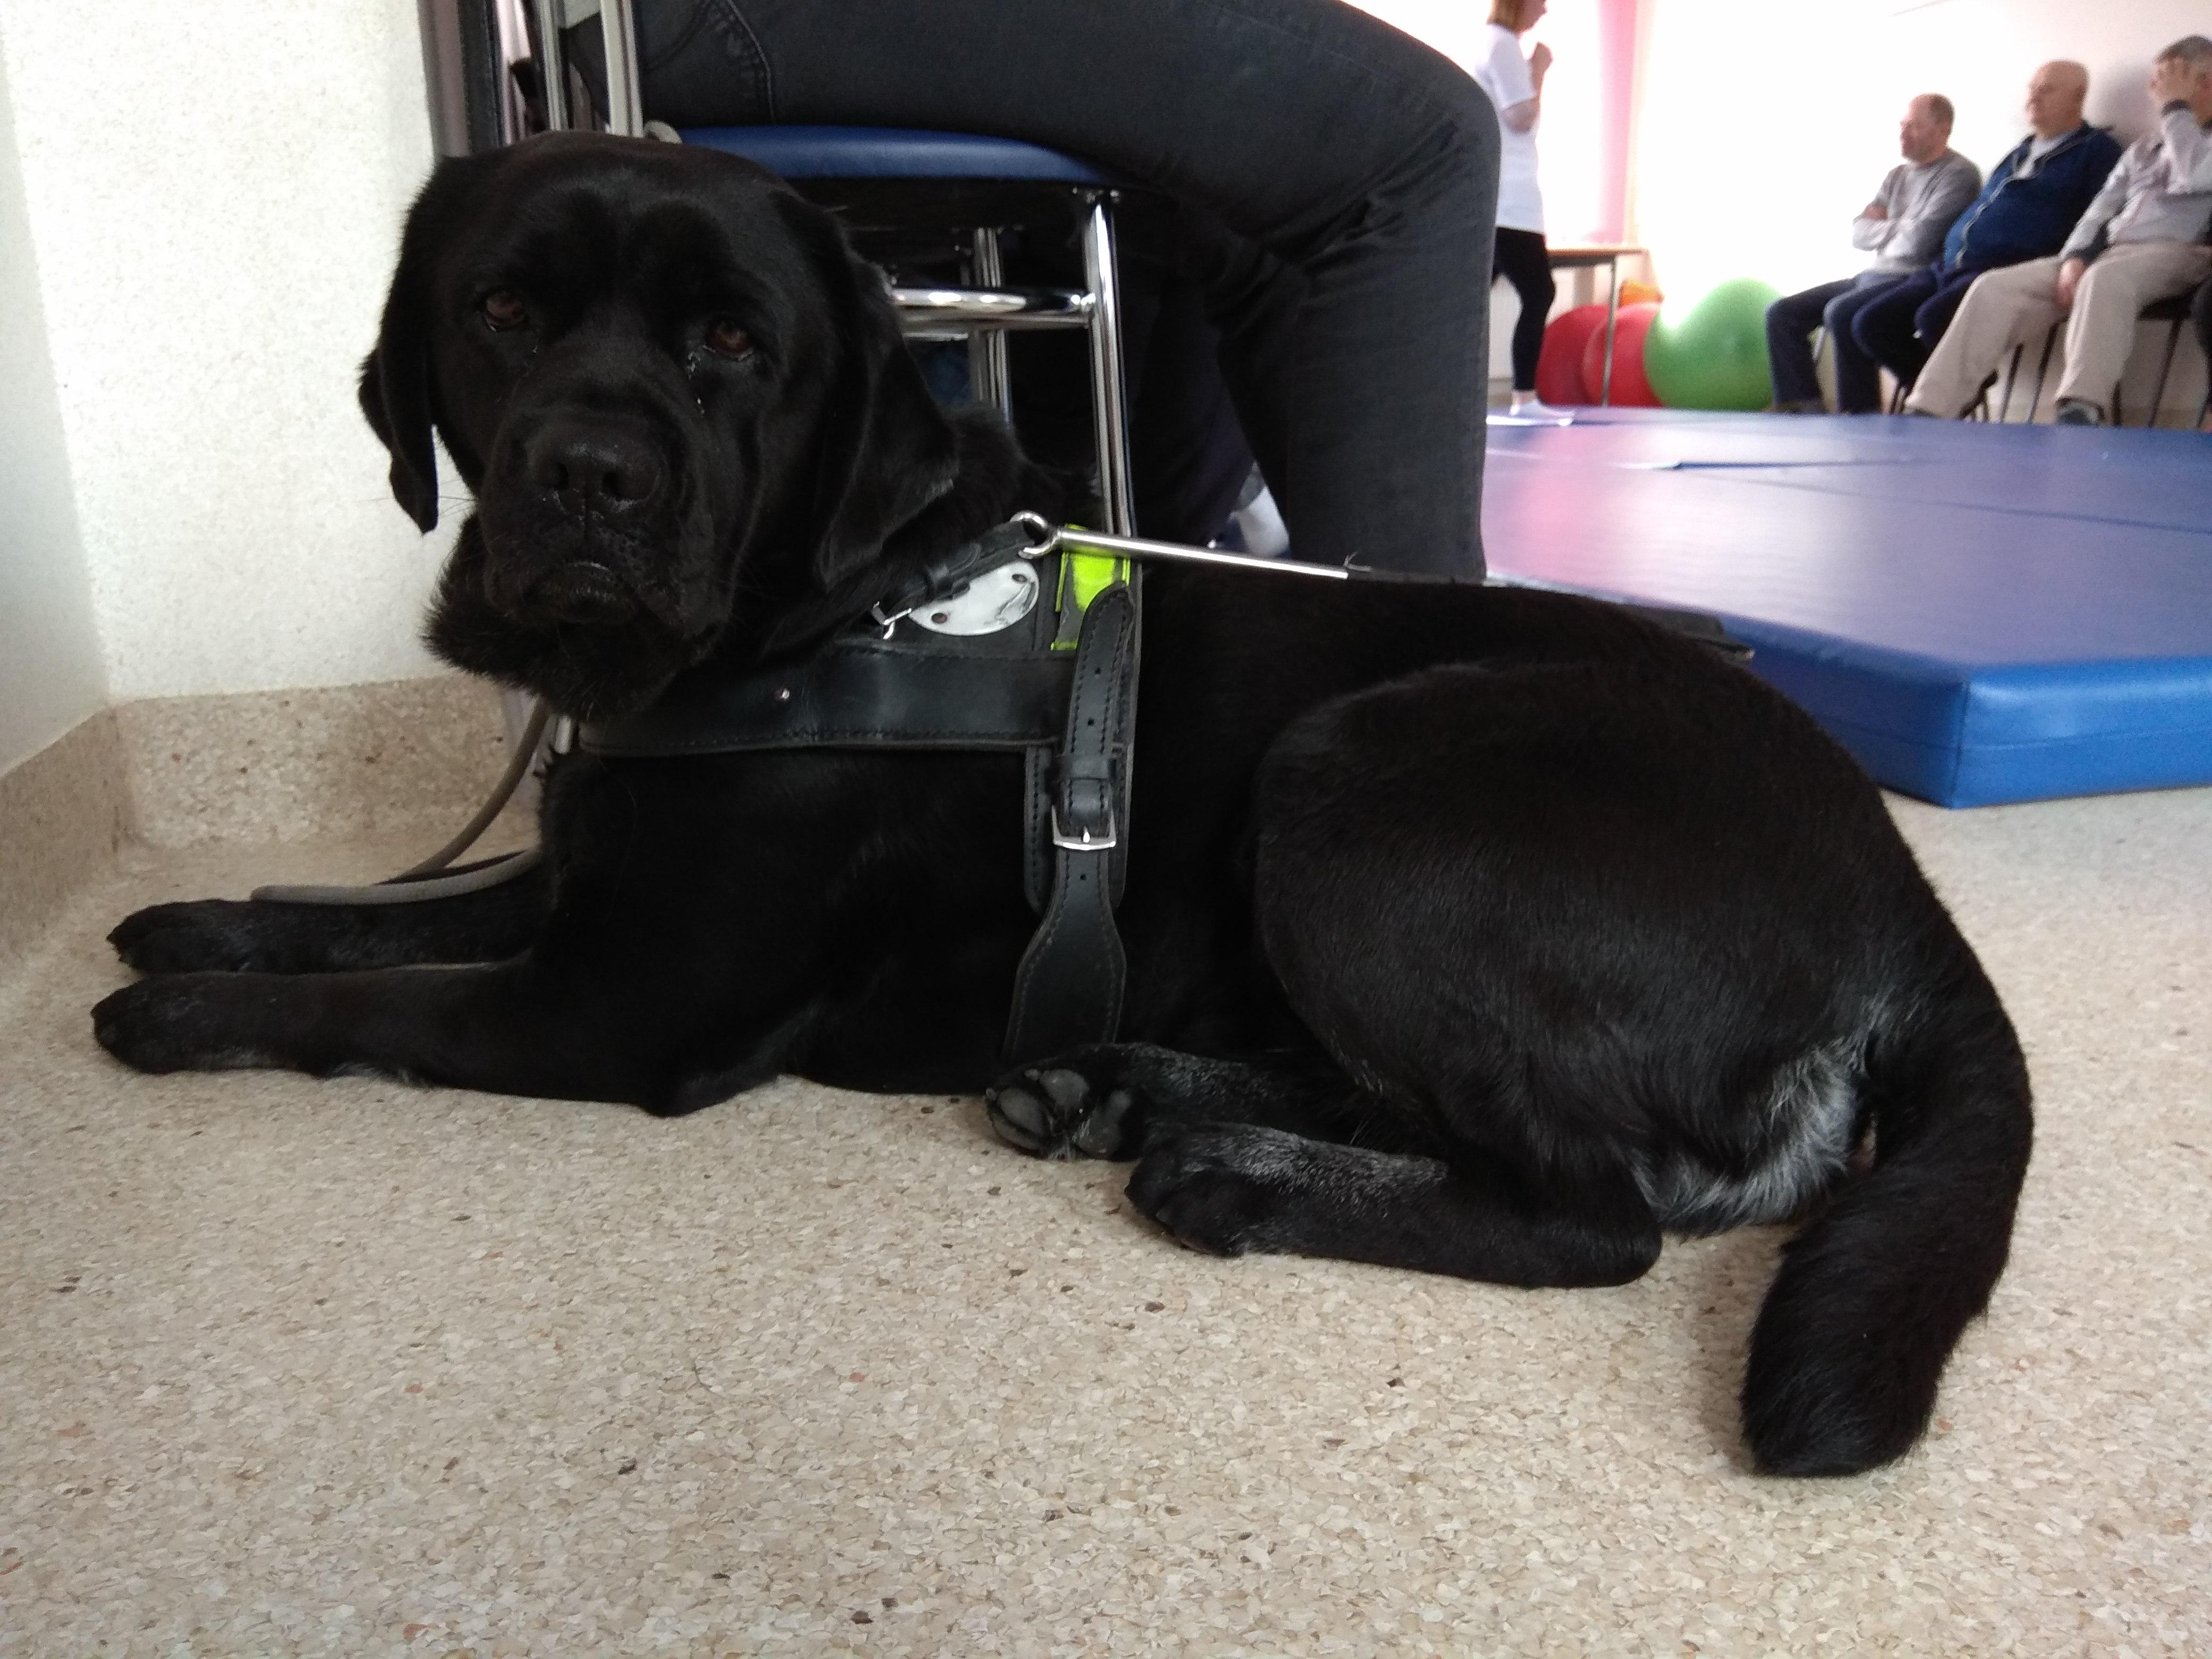 Czarny labrador w charakterystycznych szelkach psa przewodnika leżący na podłodze.